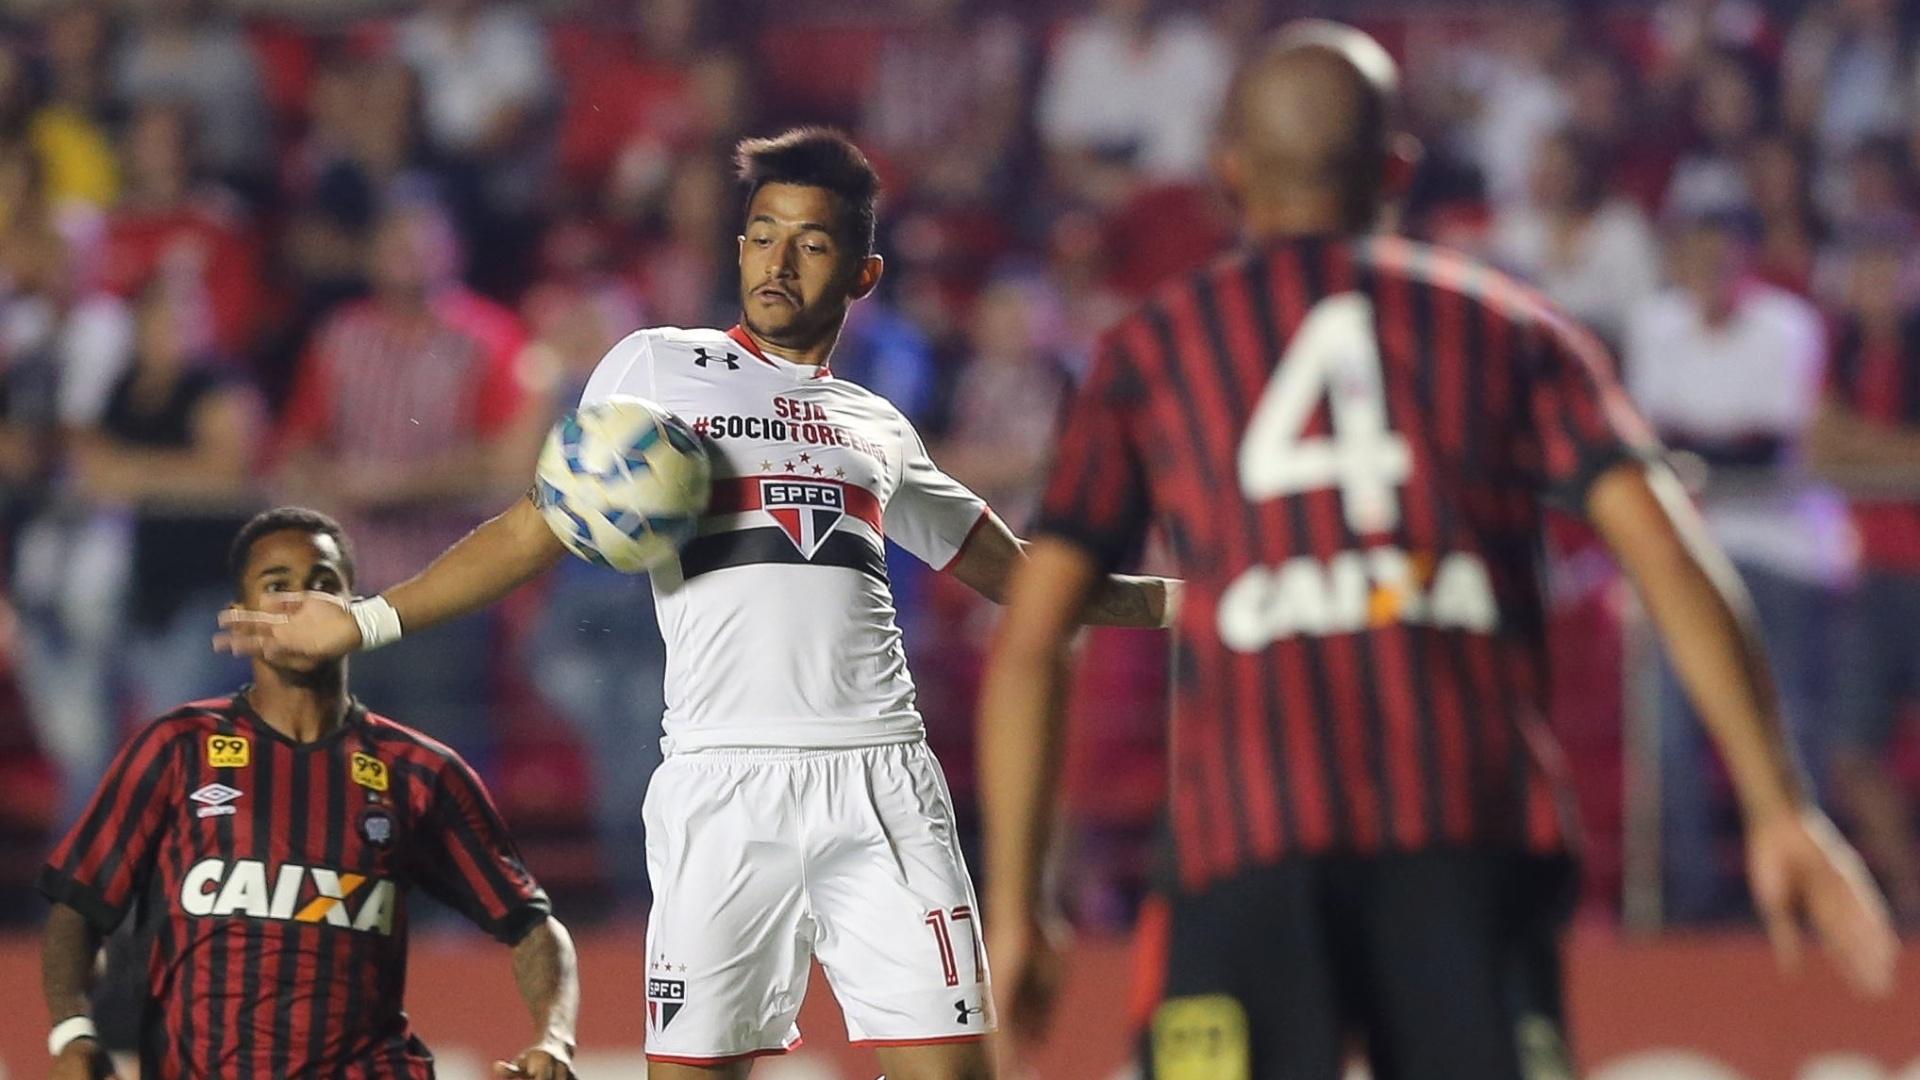 Rogério domina a bola durante o confronto entre São Paulo e Atlético-PR, válido pelo Brasileirão